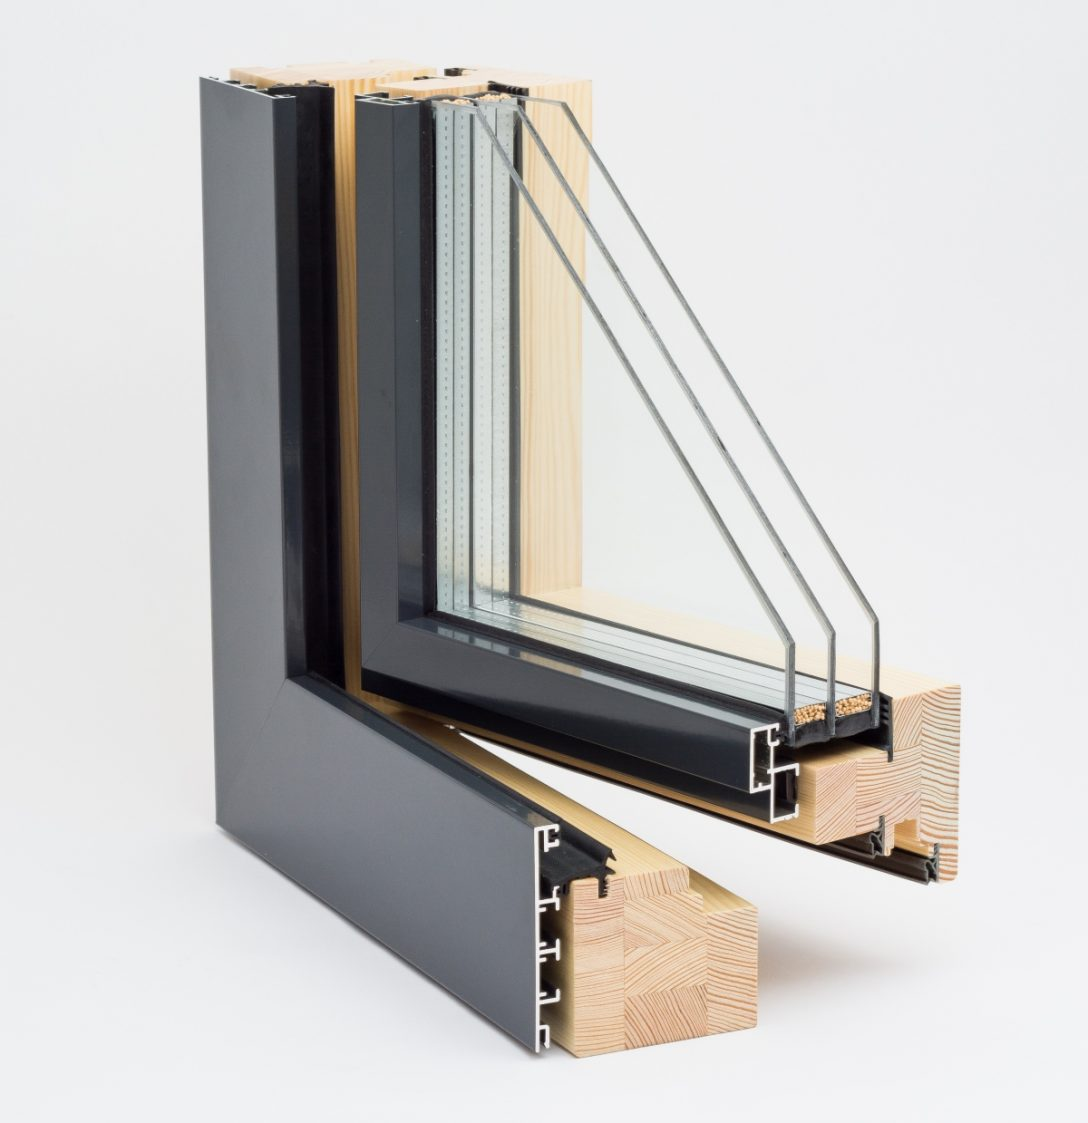 Large Size of Preisunterschied Holz Alu Fenster Kunststofffenster Kostenvergleich Holz Alu Fenster Kunststoff Aluminium Welche Preise Kosten Preis Welches Oder Pvc Rostock Fenster Fenster Holz Alu